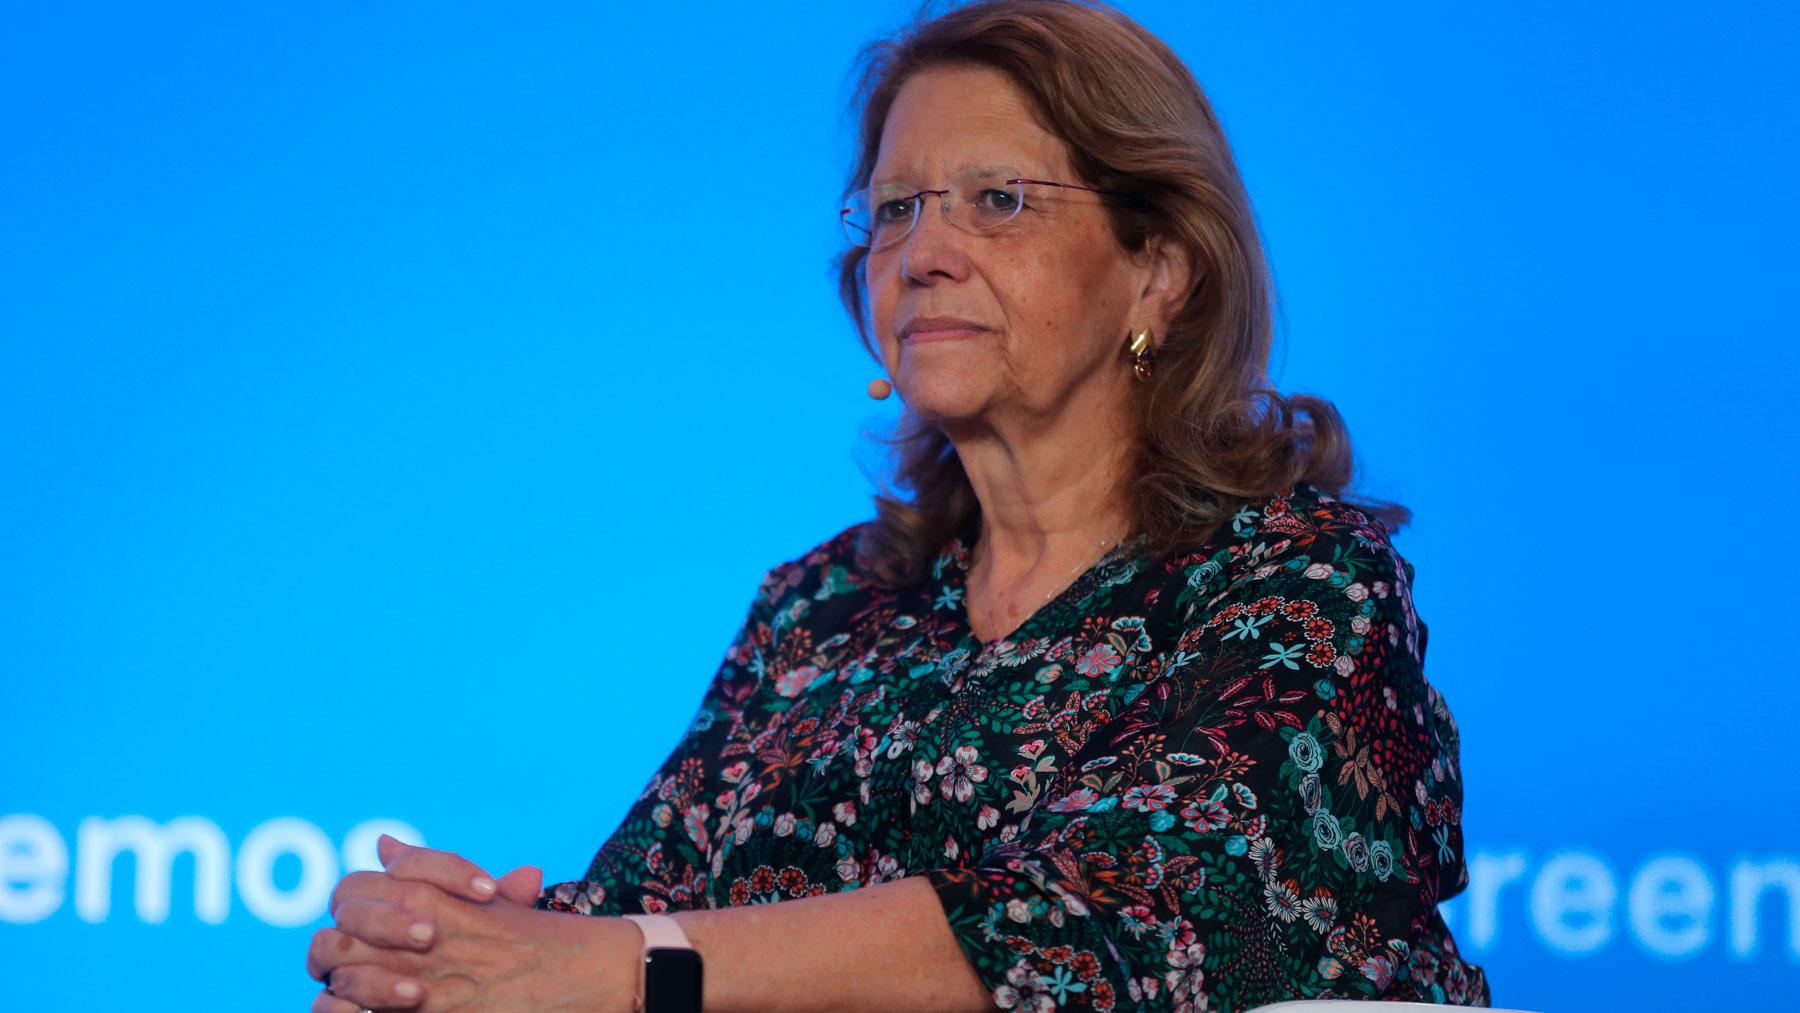 La ex ministra de Medioambiente y exsecretaria de Estado de Presupuestos, Elvira Rodríguez. Foto: EP